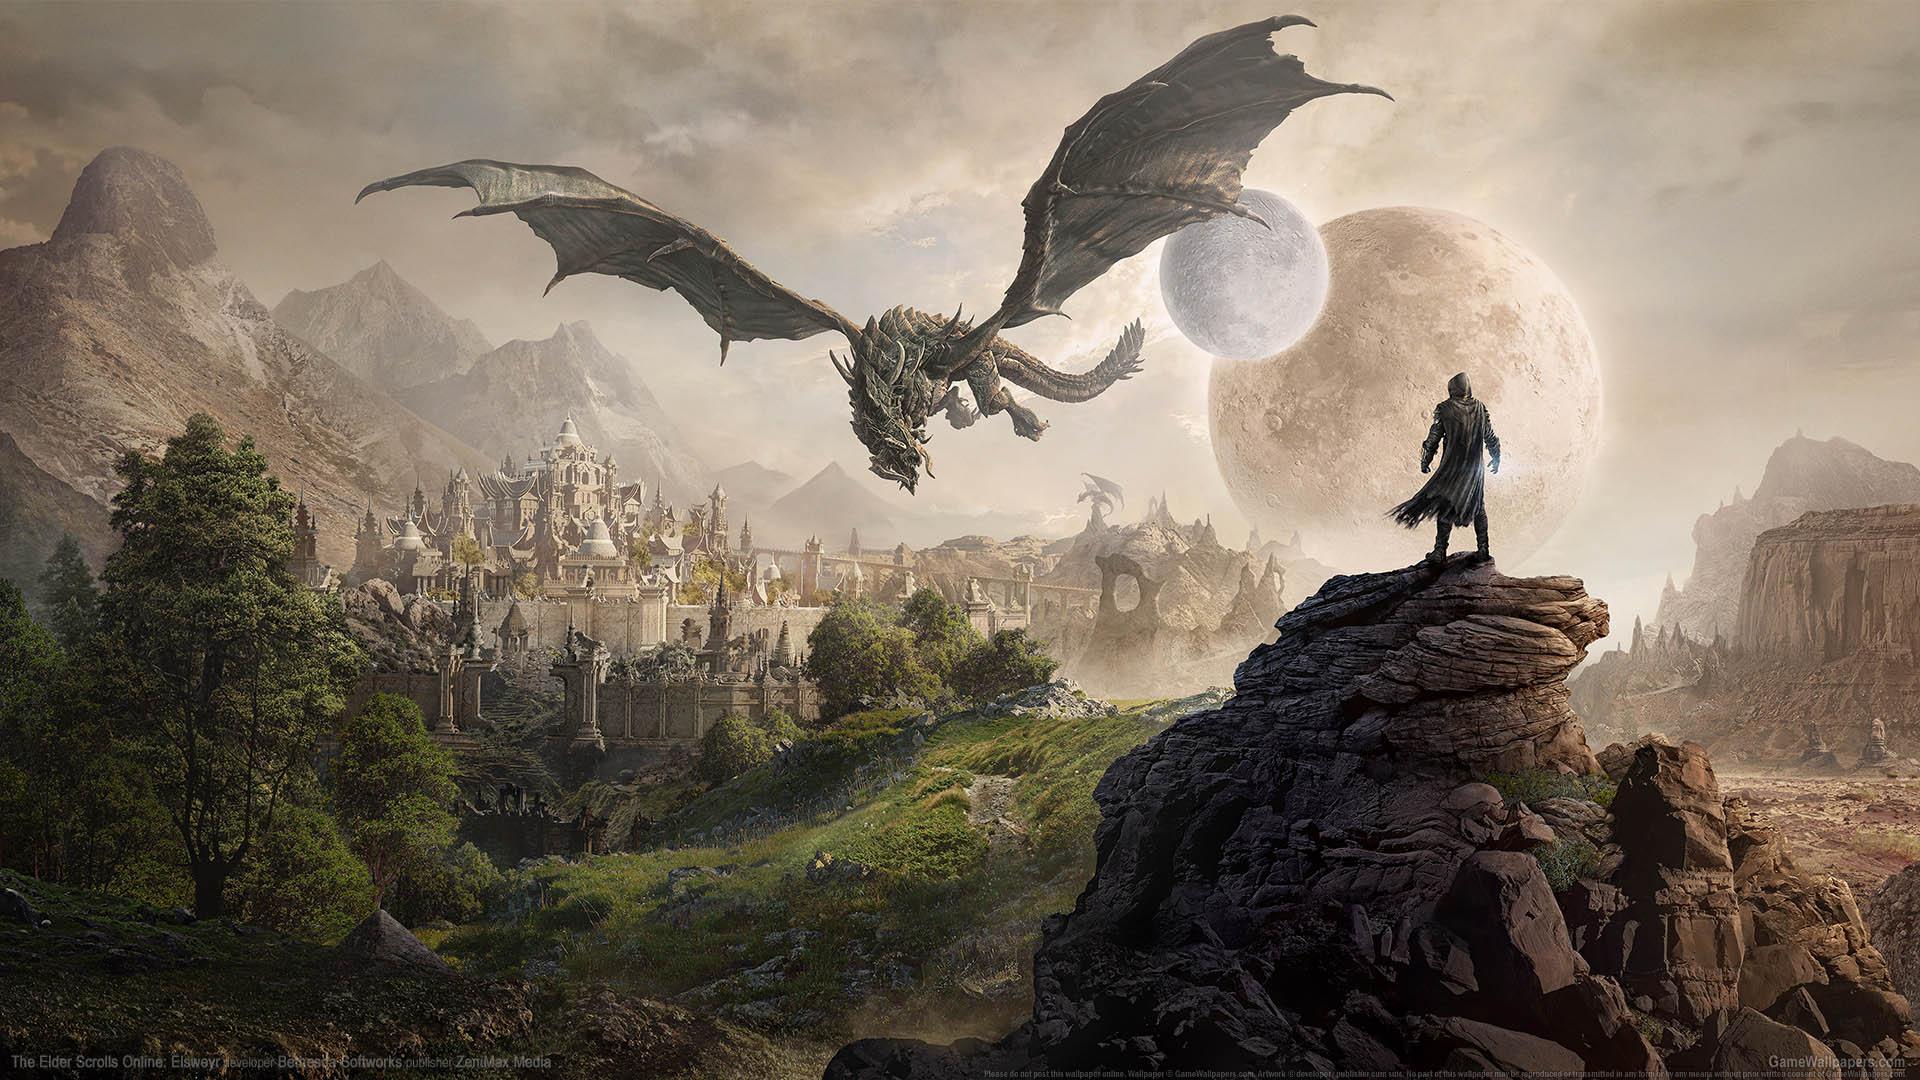 The Elder Scrolls Online: Elsweyr Hintergrundbild 01 1920x1080